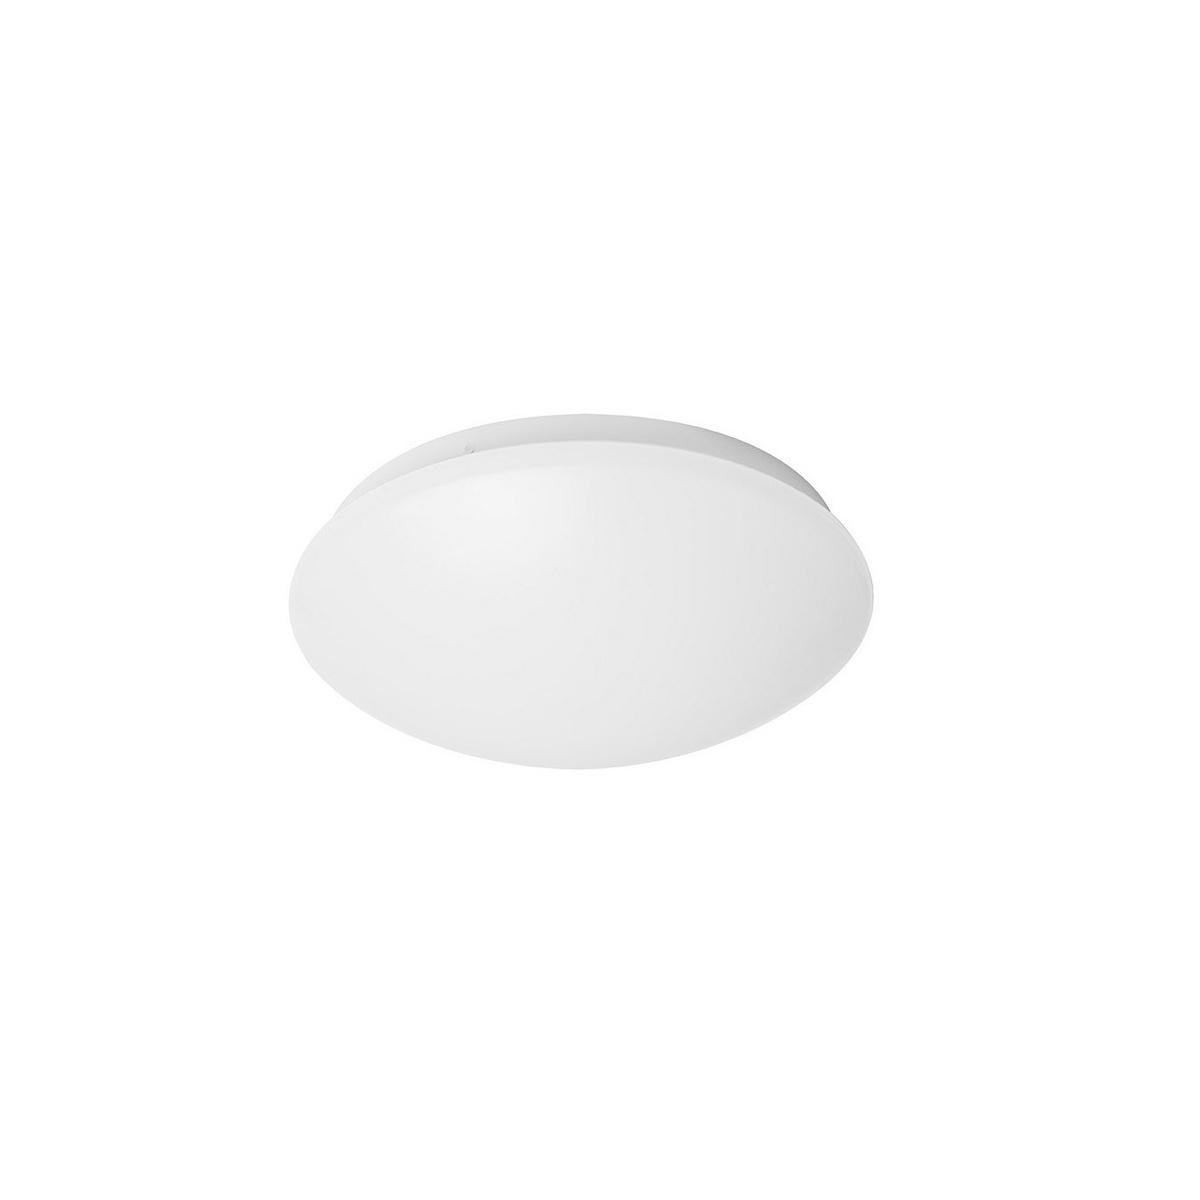 LEDMED PLAFON LED prisadené stropné a nástenné svetlo 10W nautrálne, Panlux